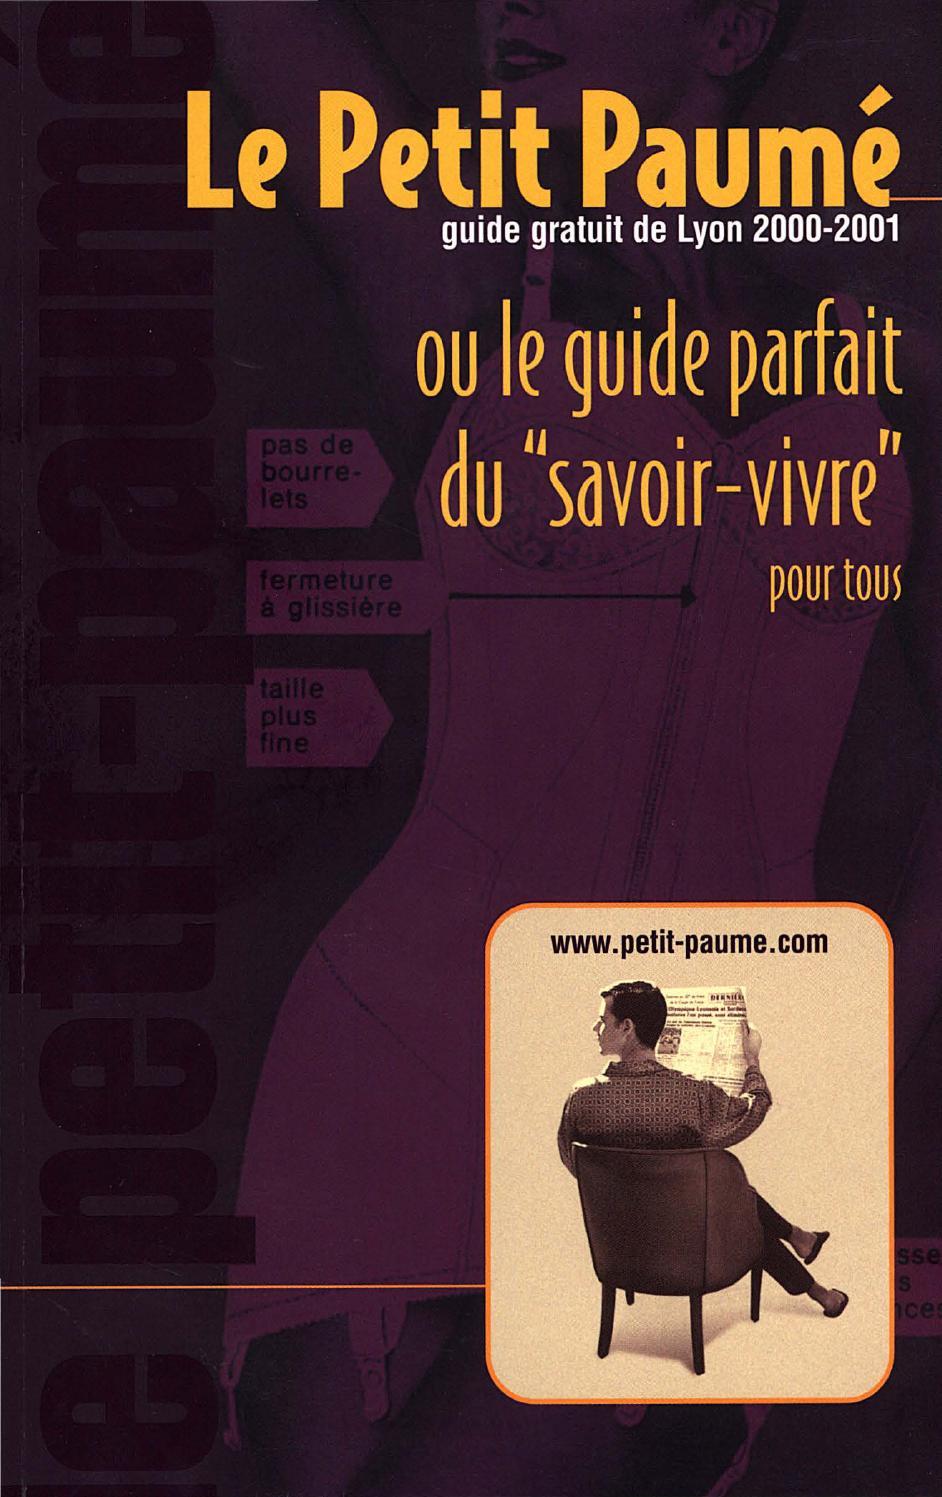 22b2ec414fa9e Le Petit Paumé - Edition 2000 2001 - City-Guide de Lyon by Le Petit Paumé -  issuu